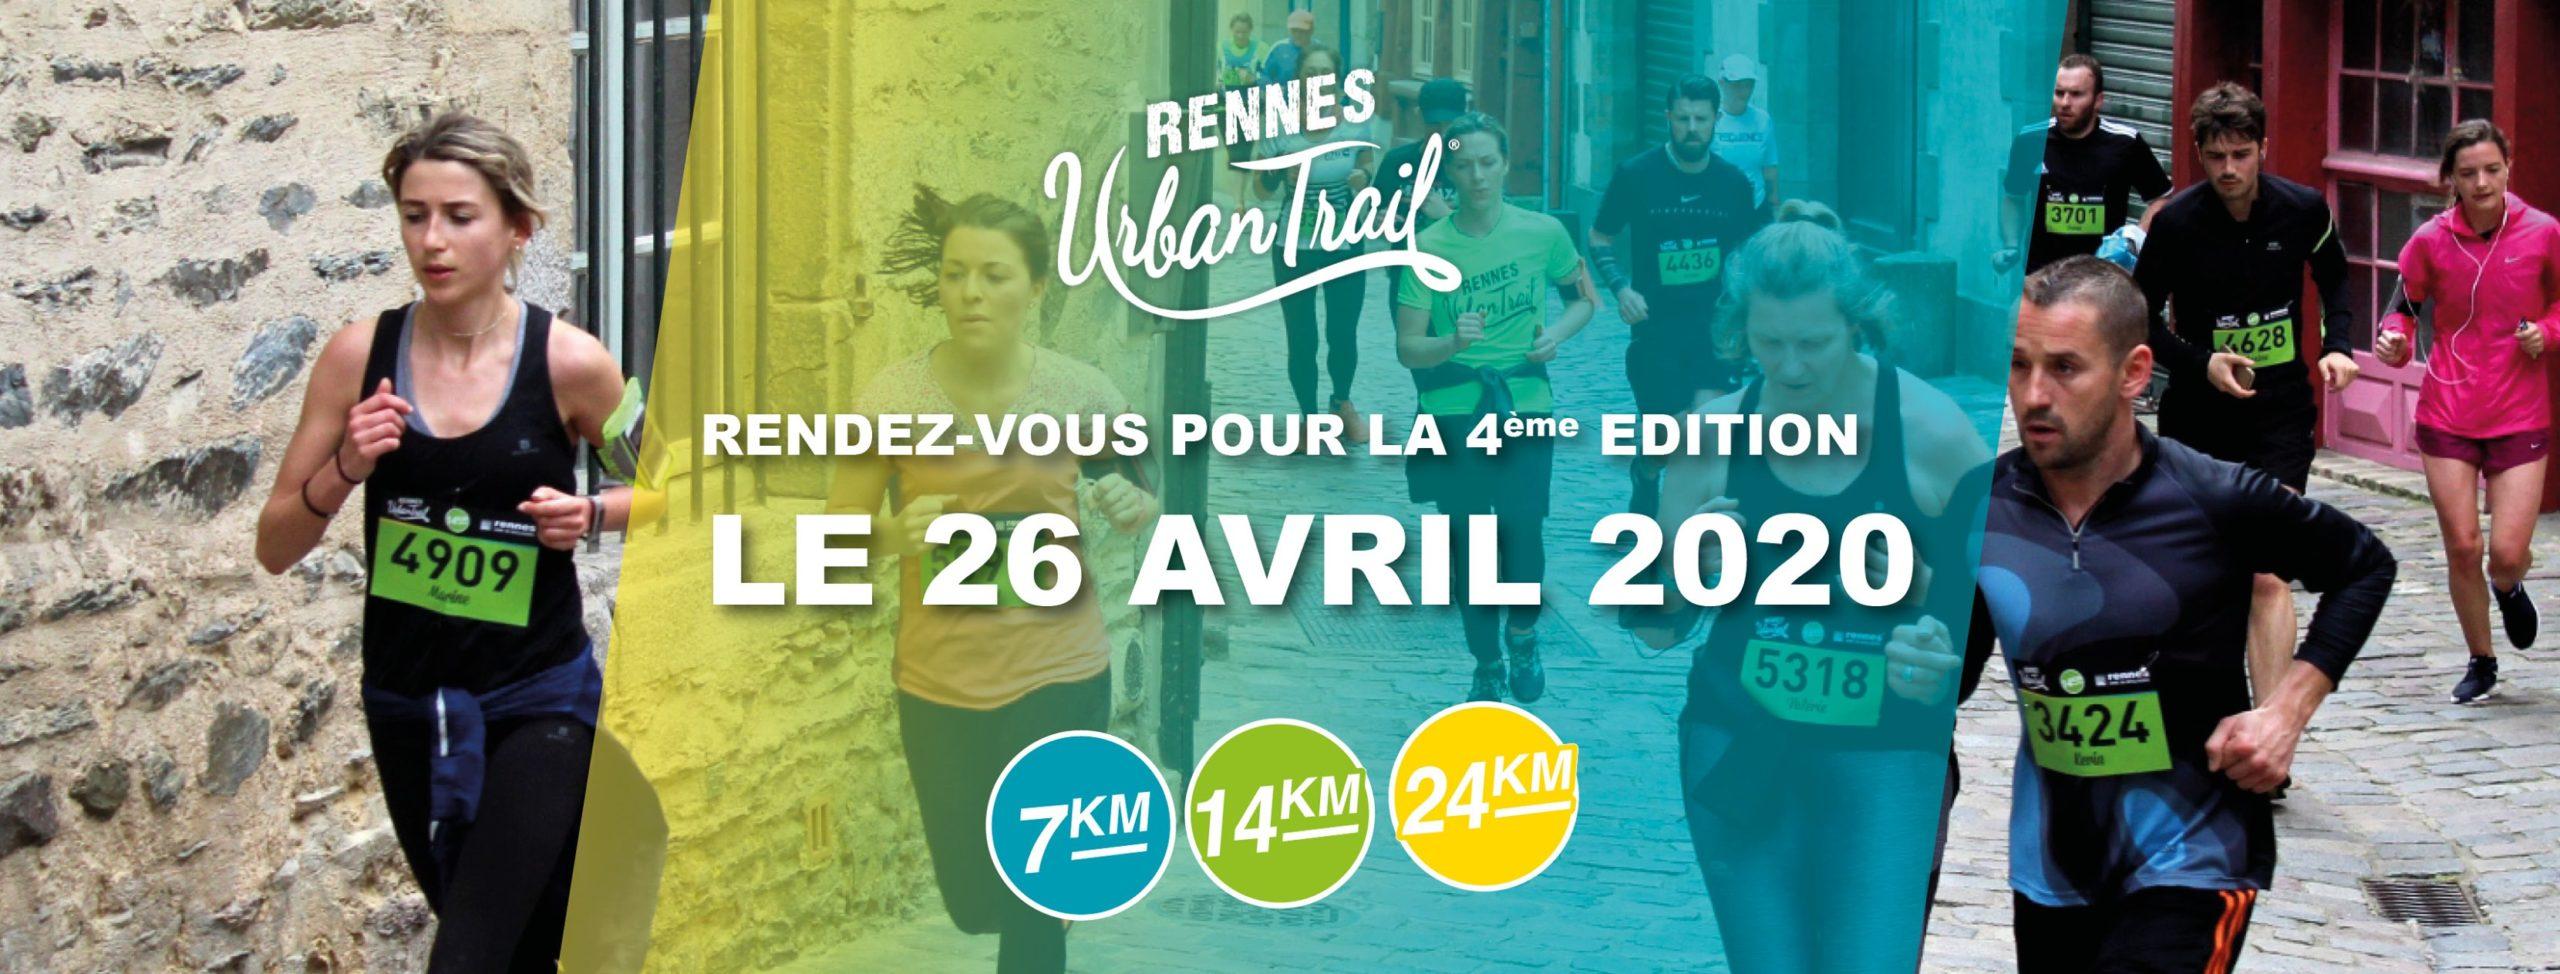 rennes urban trail affiche